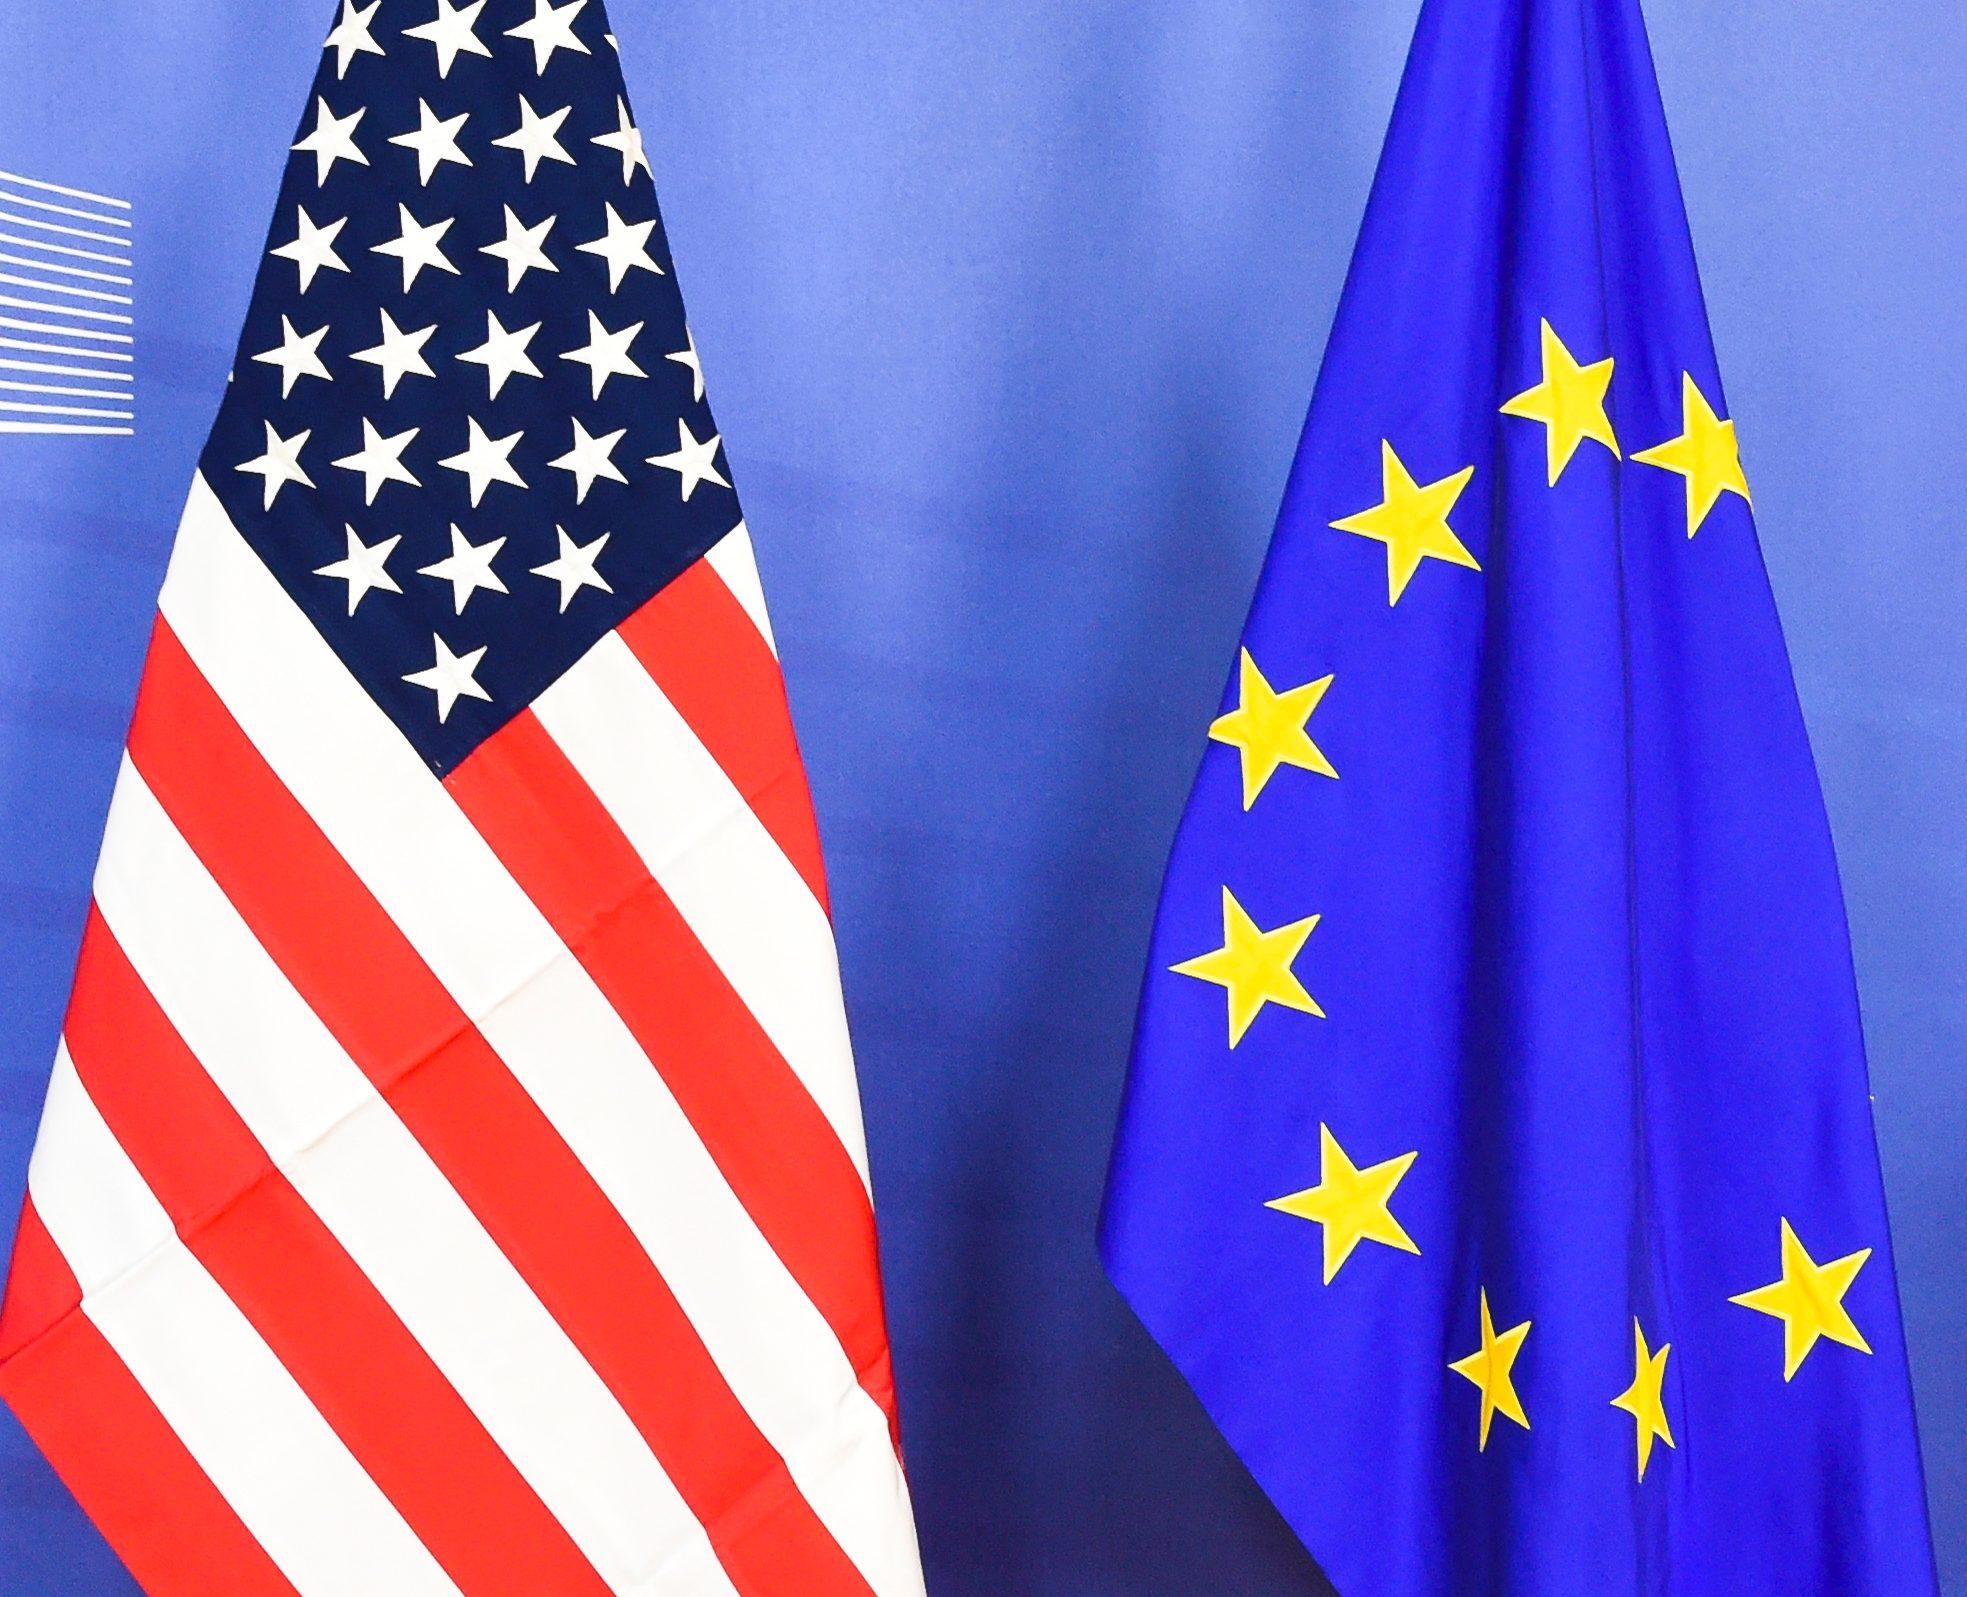 Quel serait le meilleur candidat américain pour les relations avec l'UE ? (Audio)